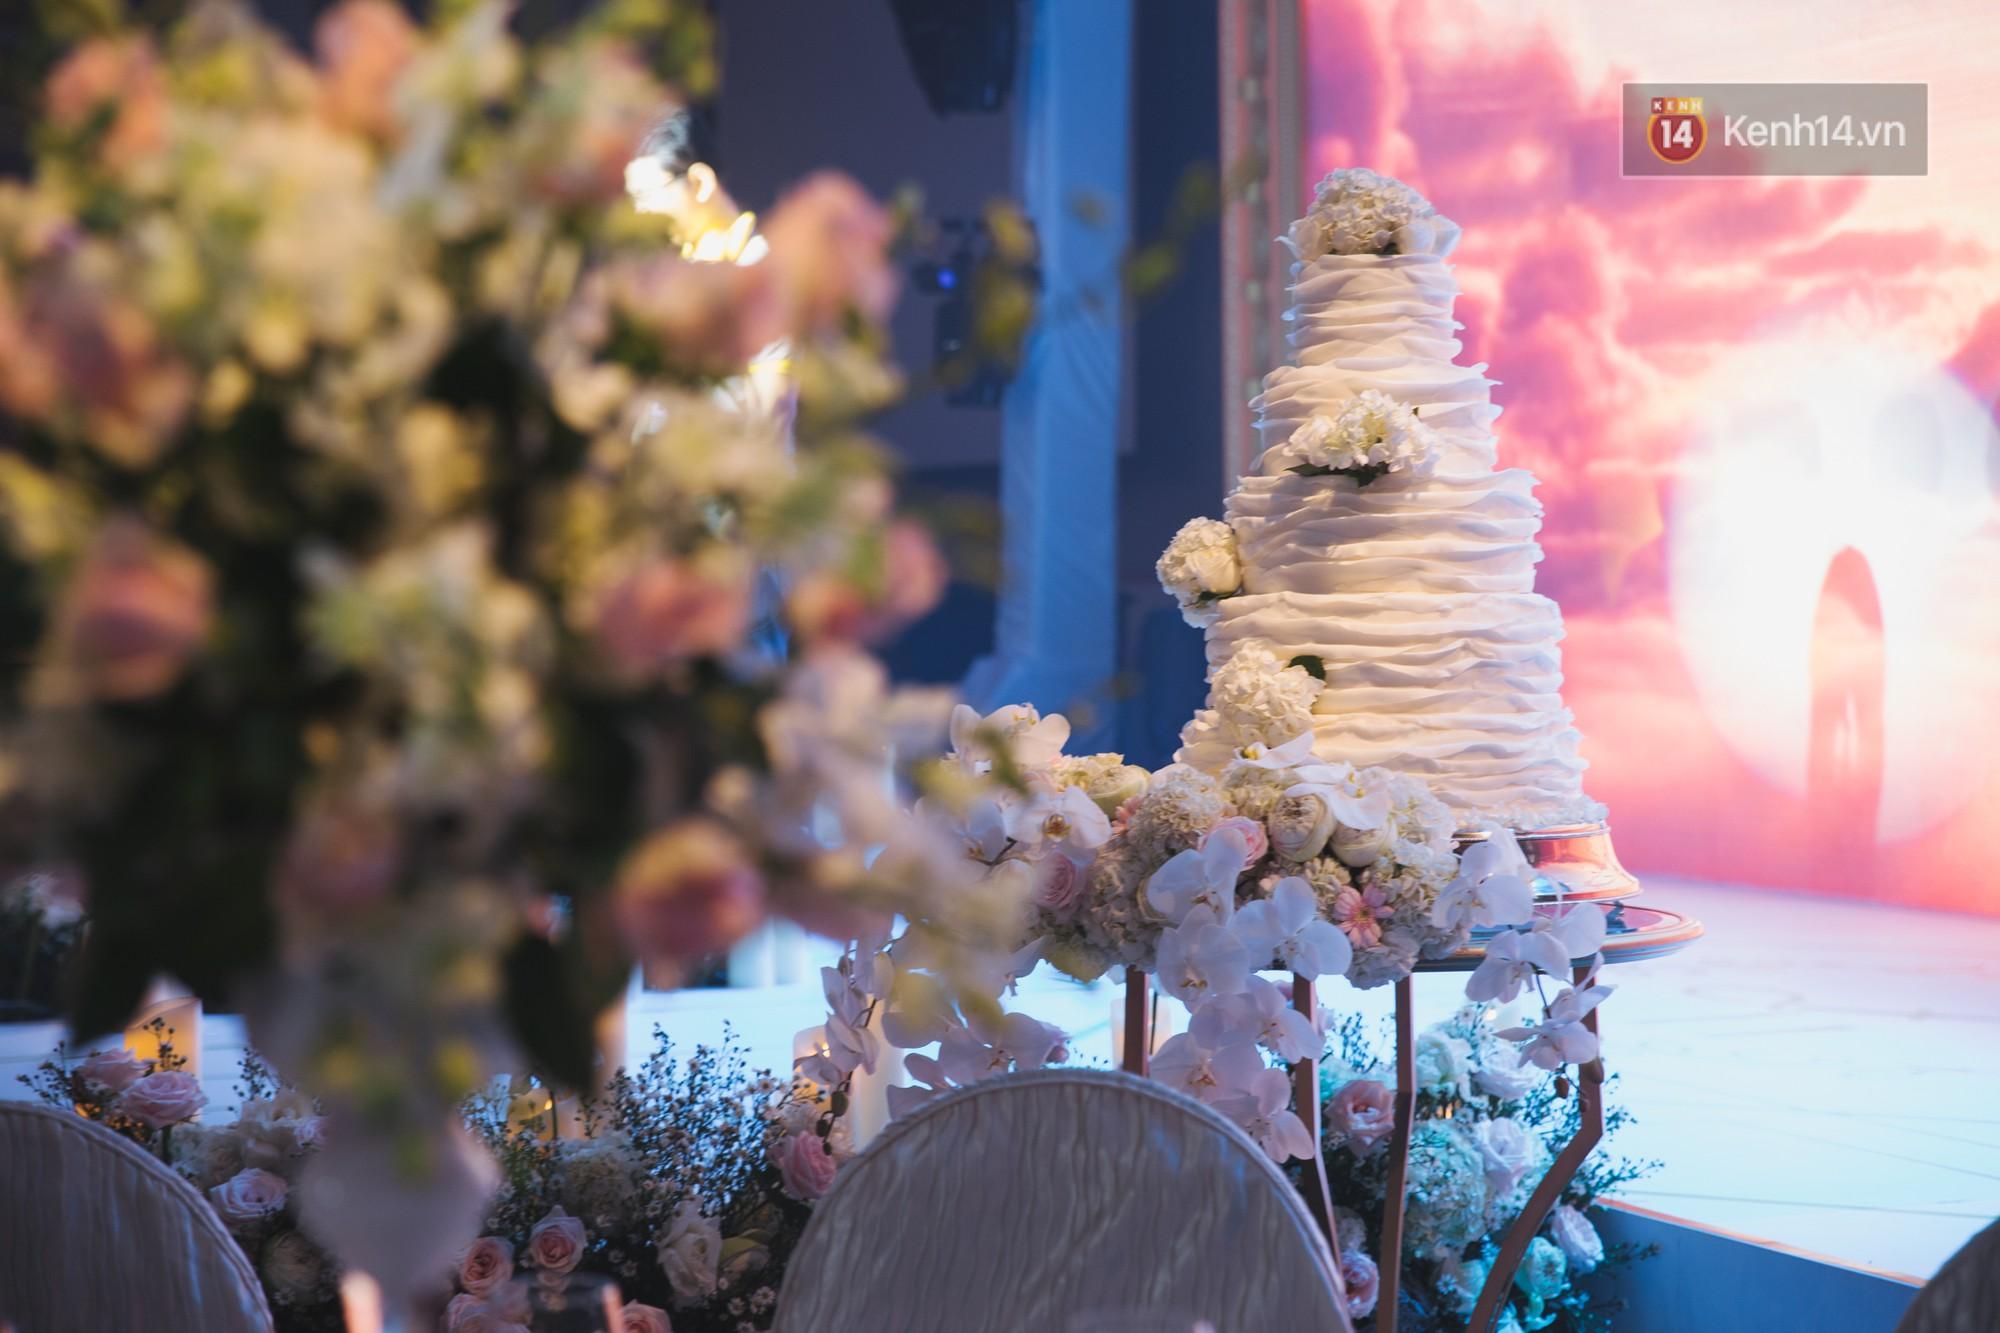 Hé lộ không gian cưới sang trọng của ca sĩ Lê Hiếu và bà xã Thu Trang - Ảnh 14.